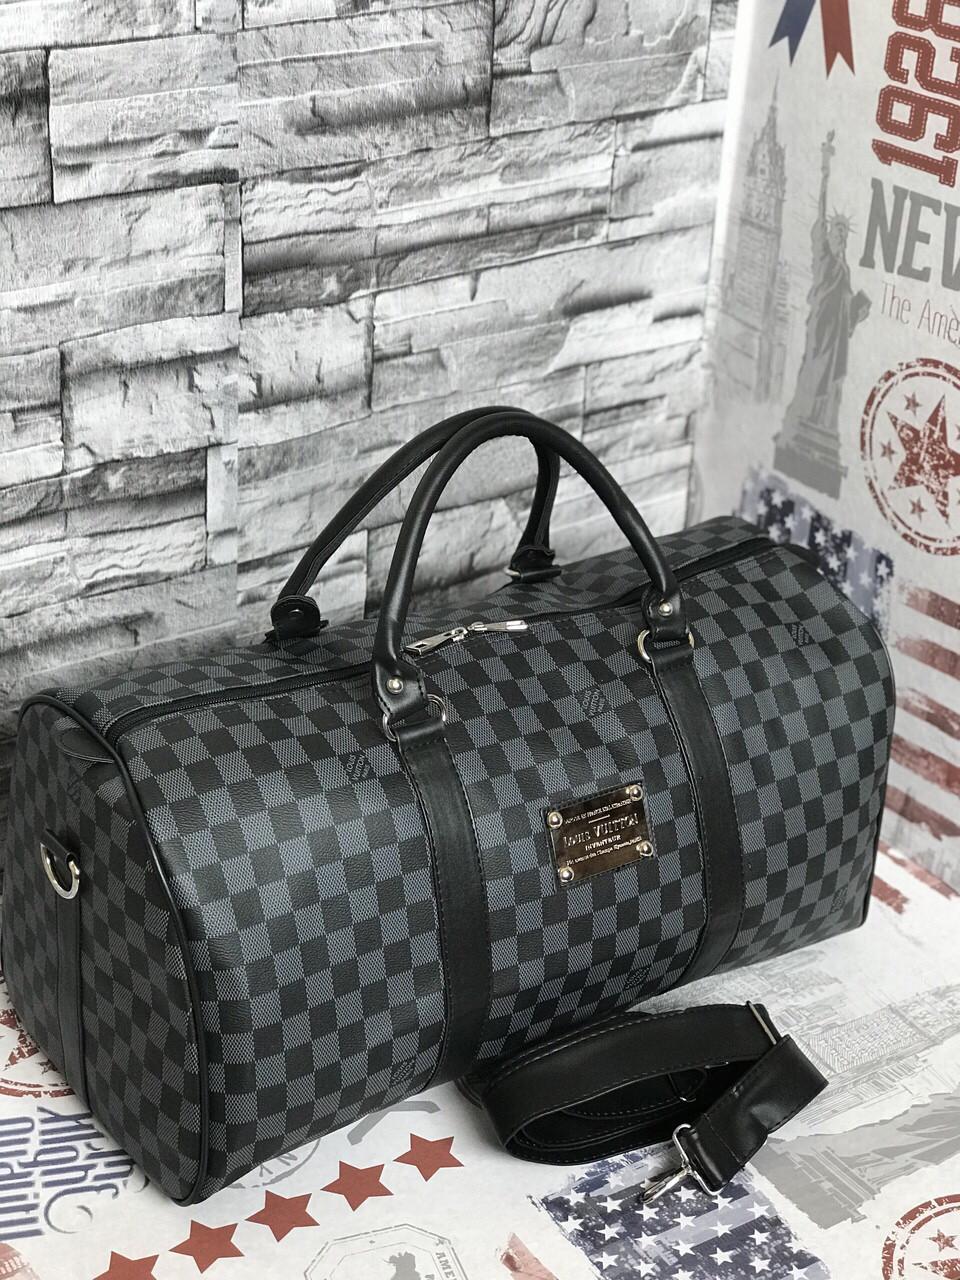 Дорожная сумка в клетку Louis Vuitton LV реплика Vintage grey